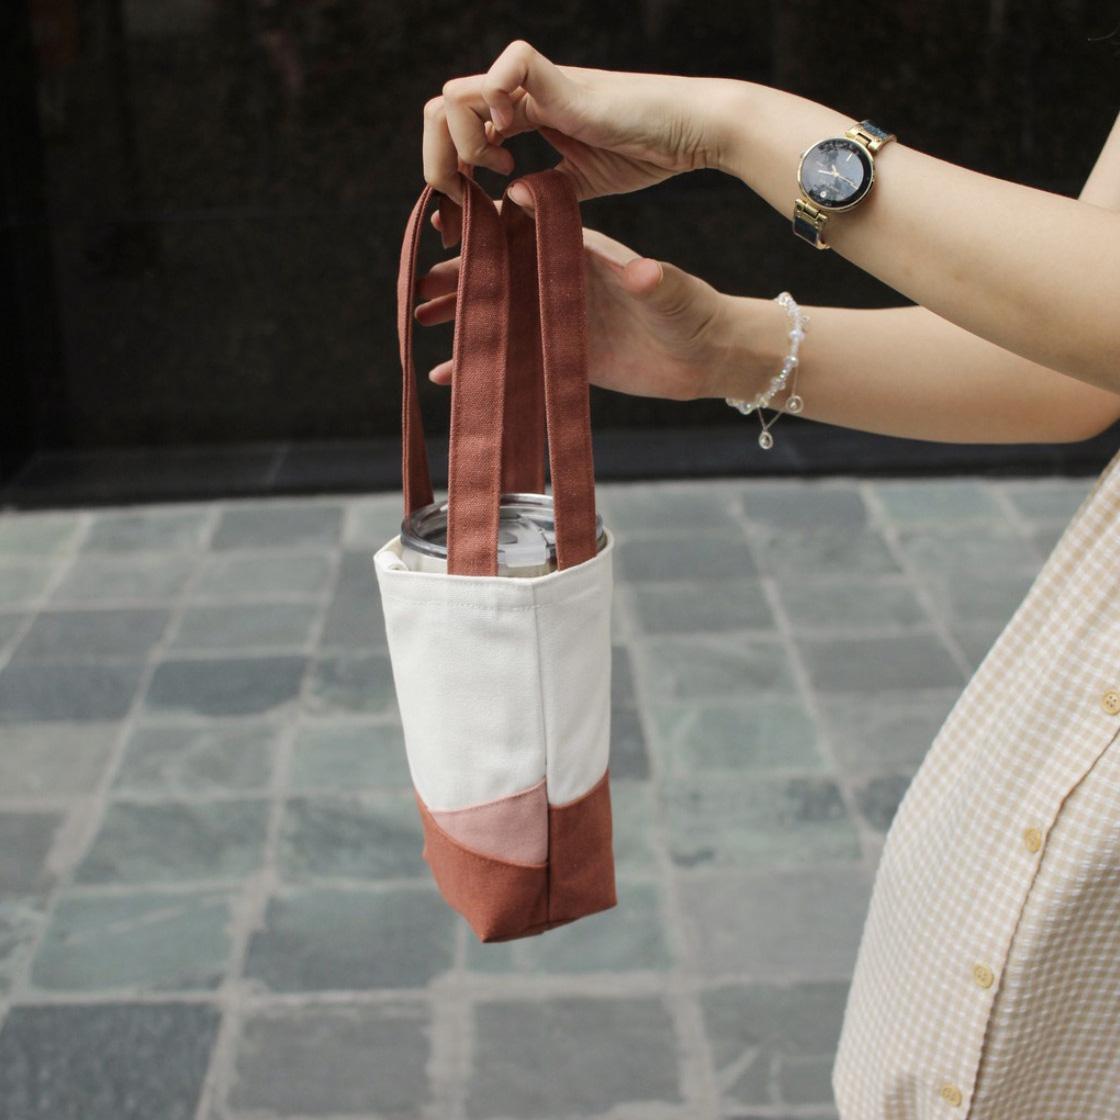 Túi vải đựng bình nước dưới 160k kiêm luôn phụ kiện xinh xẻo - Ảnh 5.